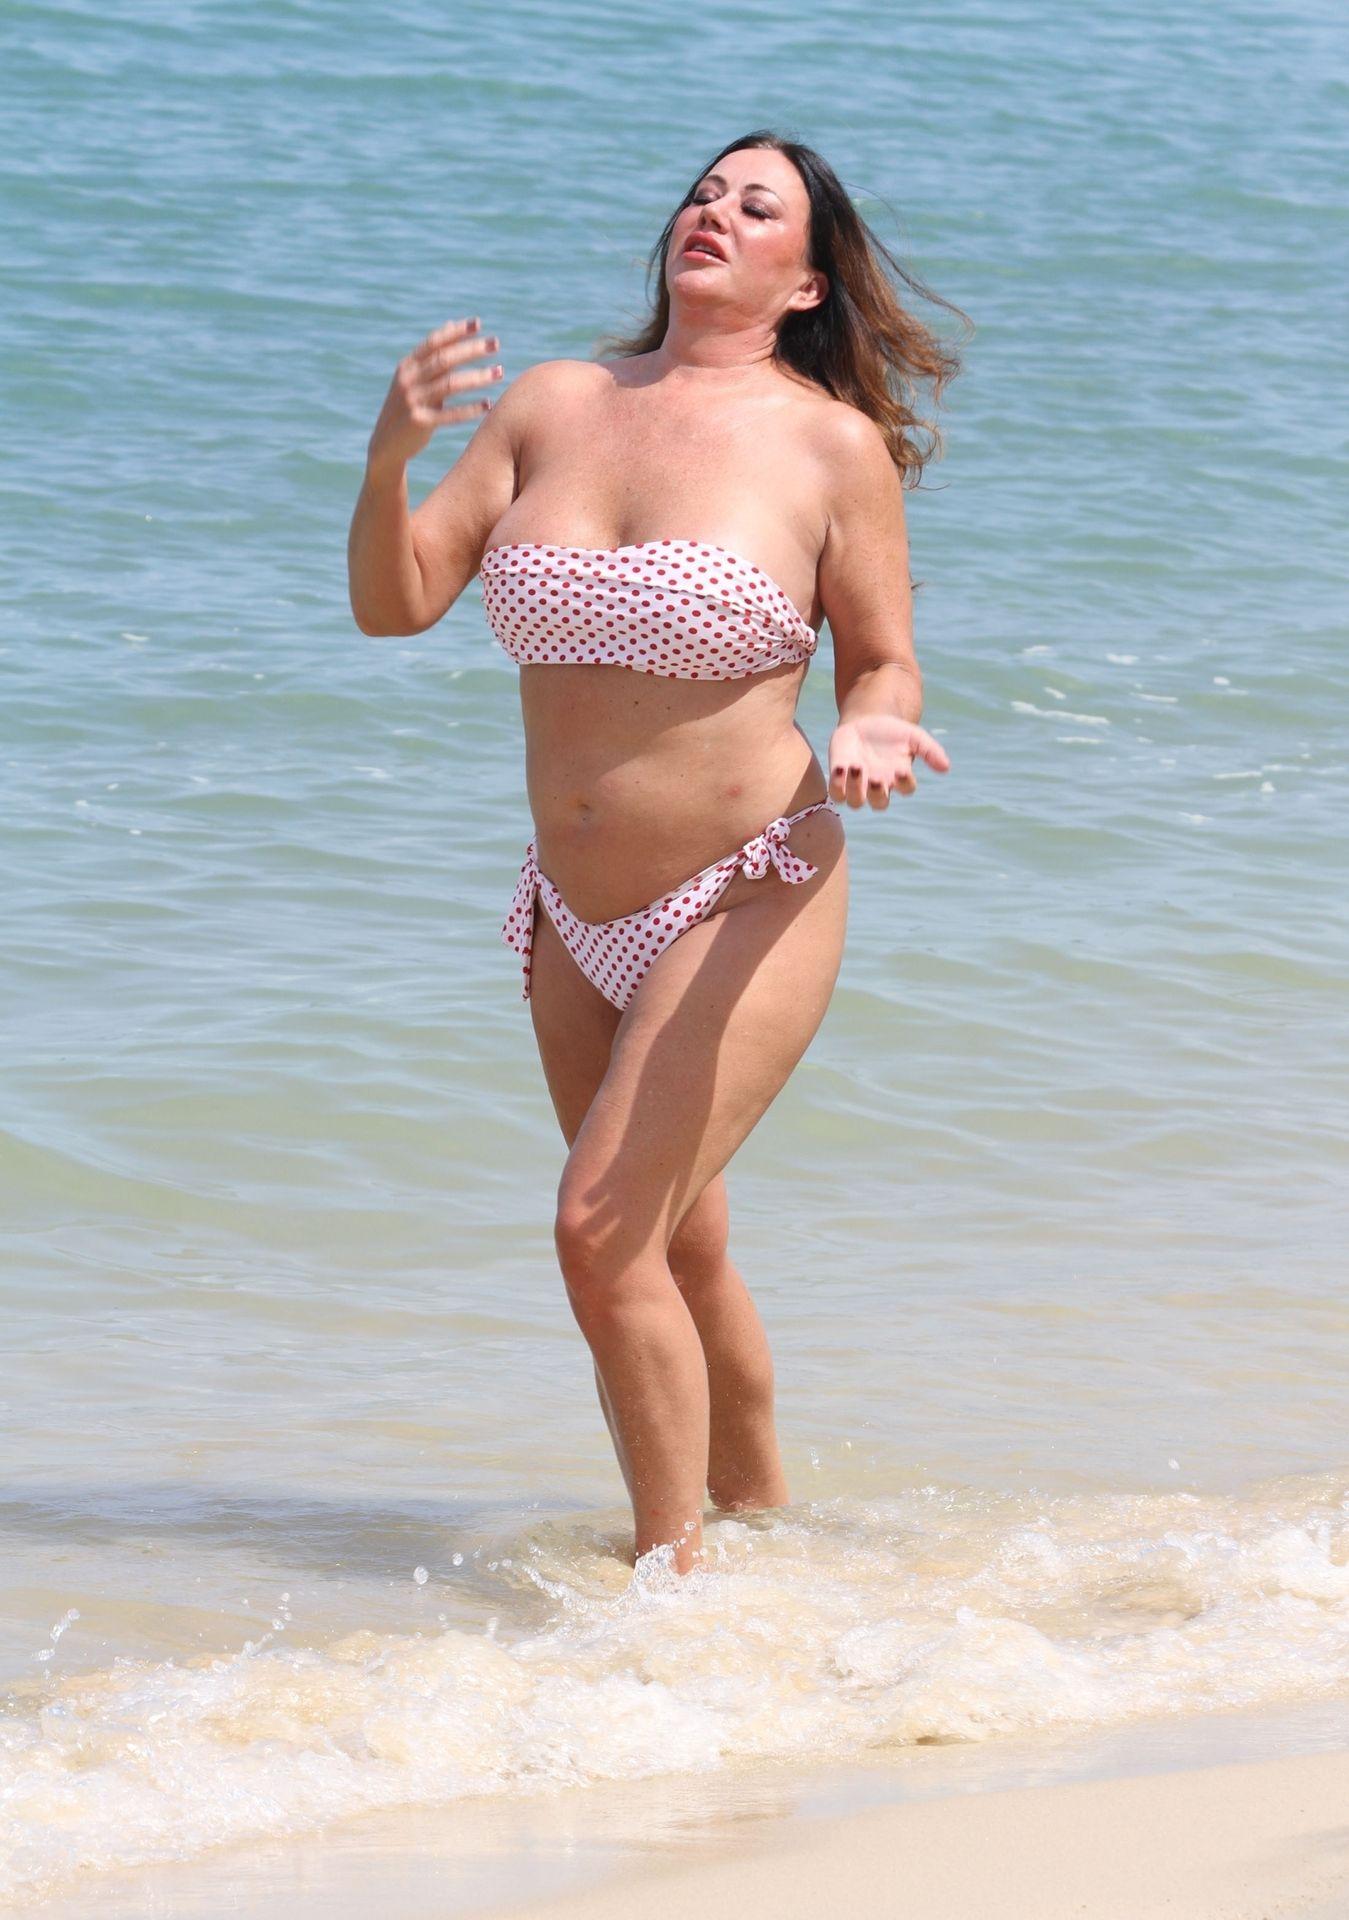 Lisa Appleton Hot & Topless 0017